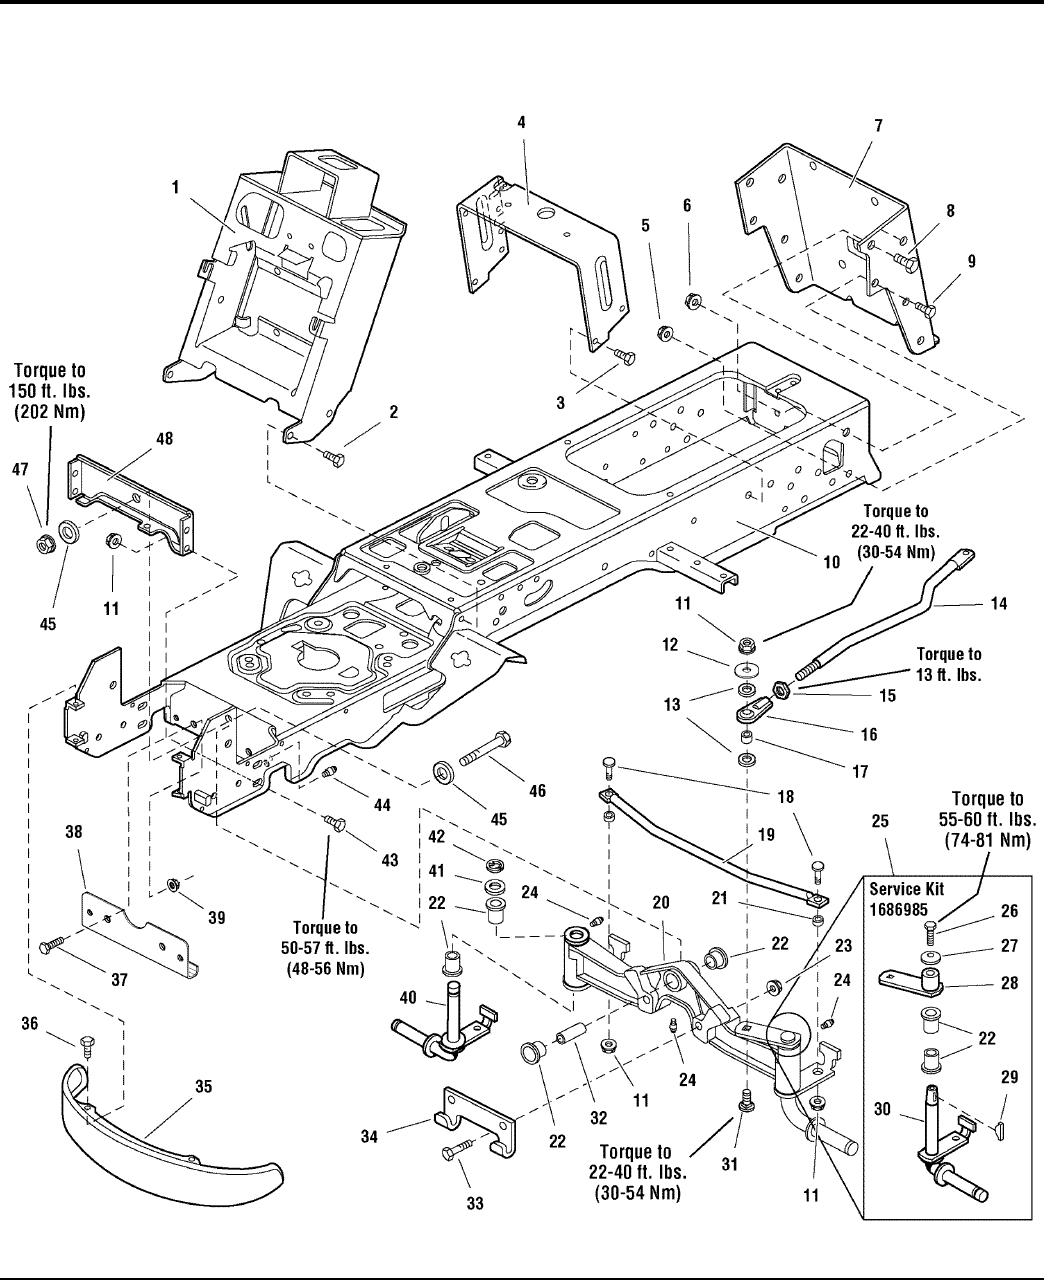 Simplicity Conquest 2700 Parts Manual / 1700 Series Garden